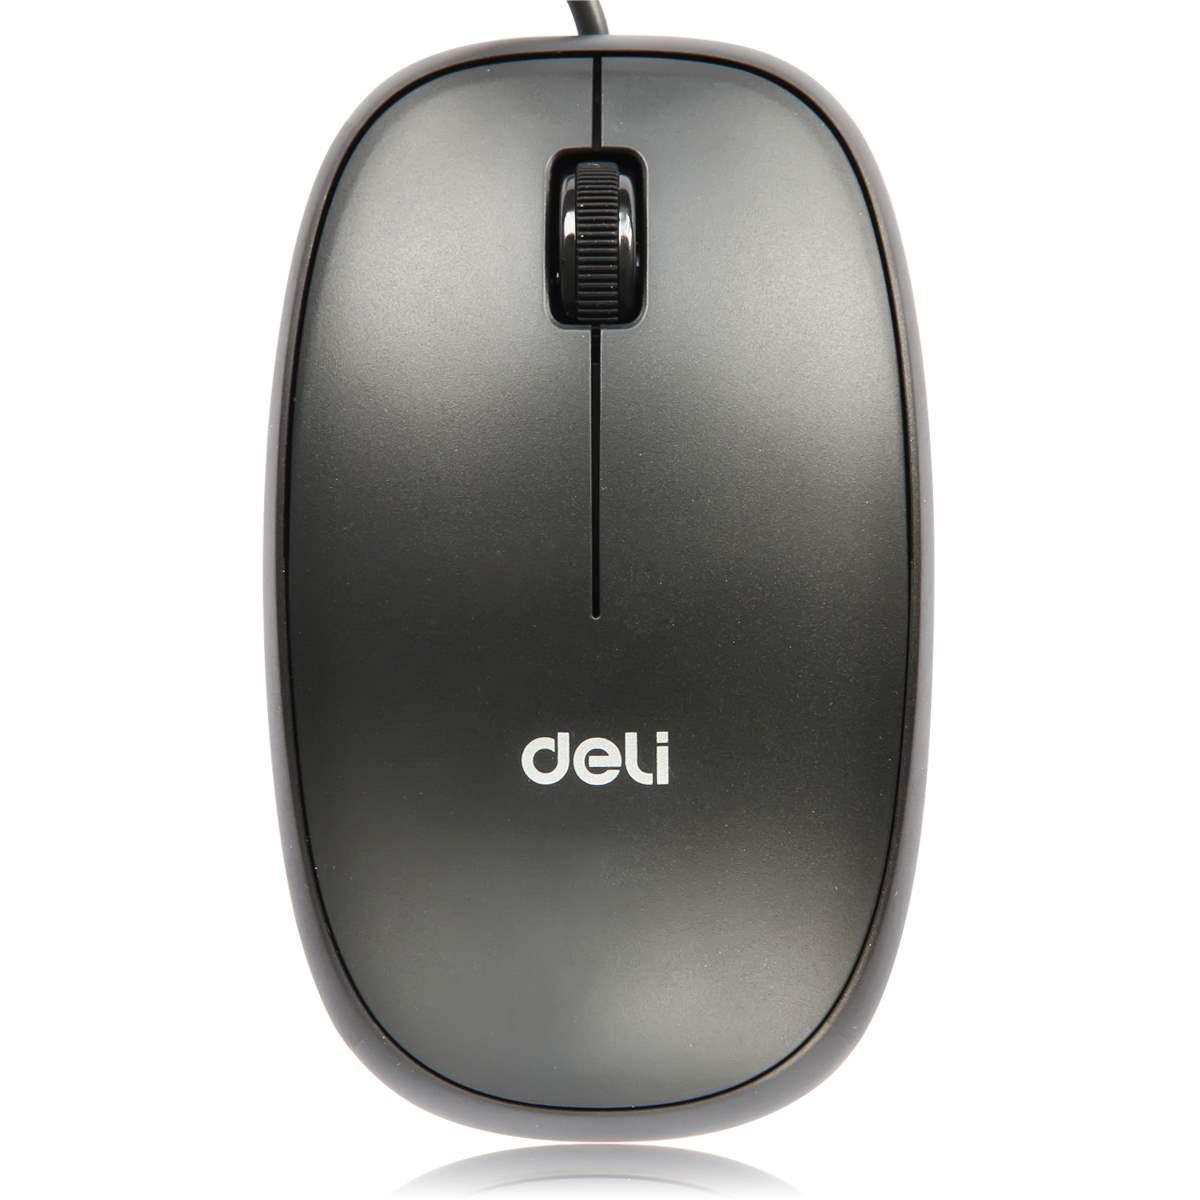 多省包邮 得力3715有线耐用办公鼠标 USB接口 300万次按键寿命